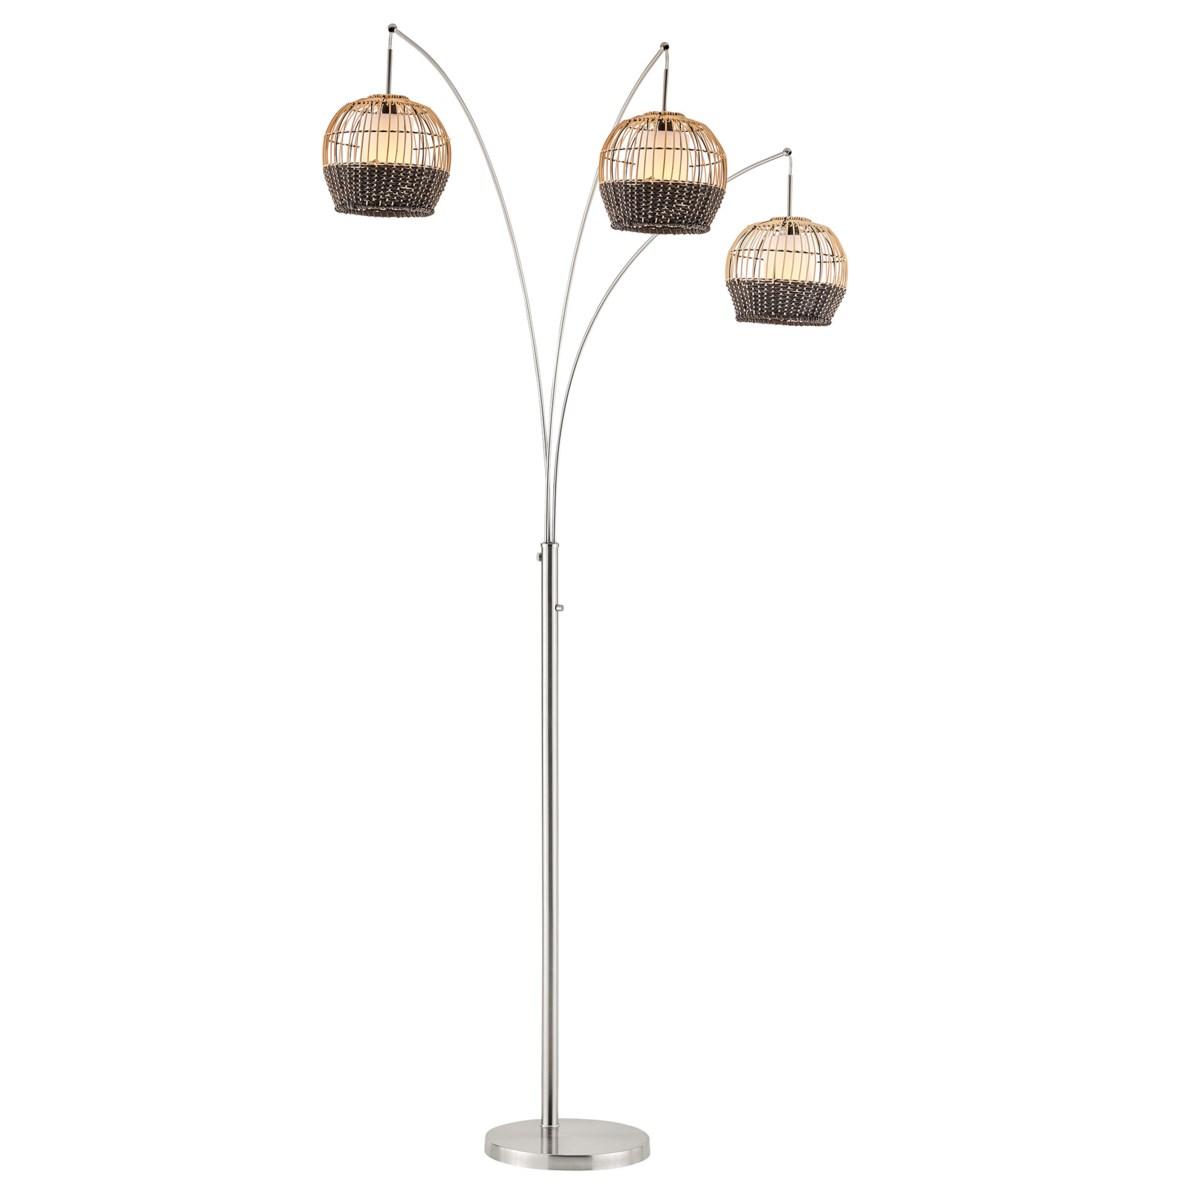 KAYLOR ARC LAMPS